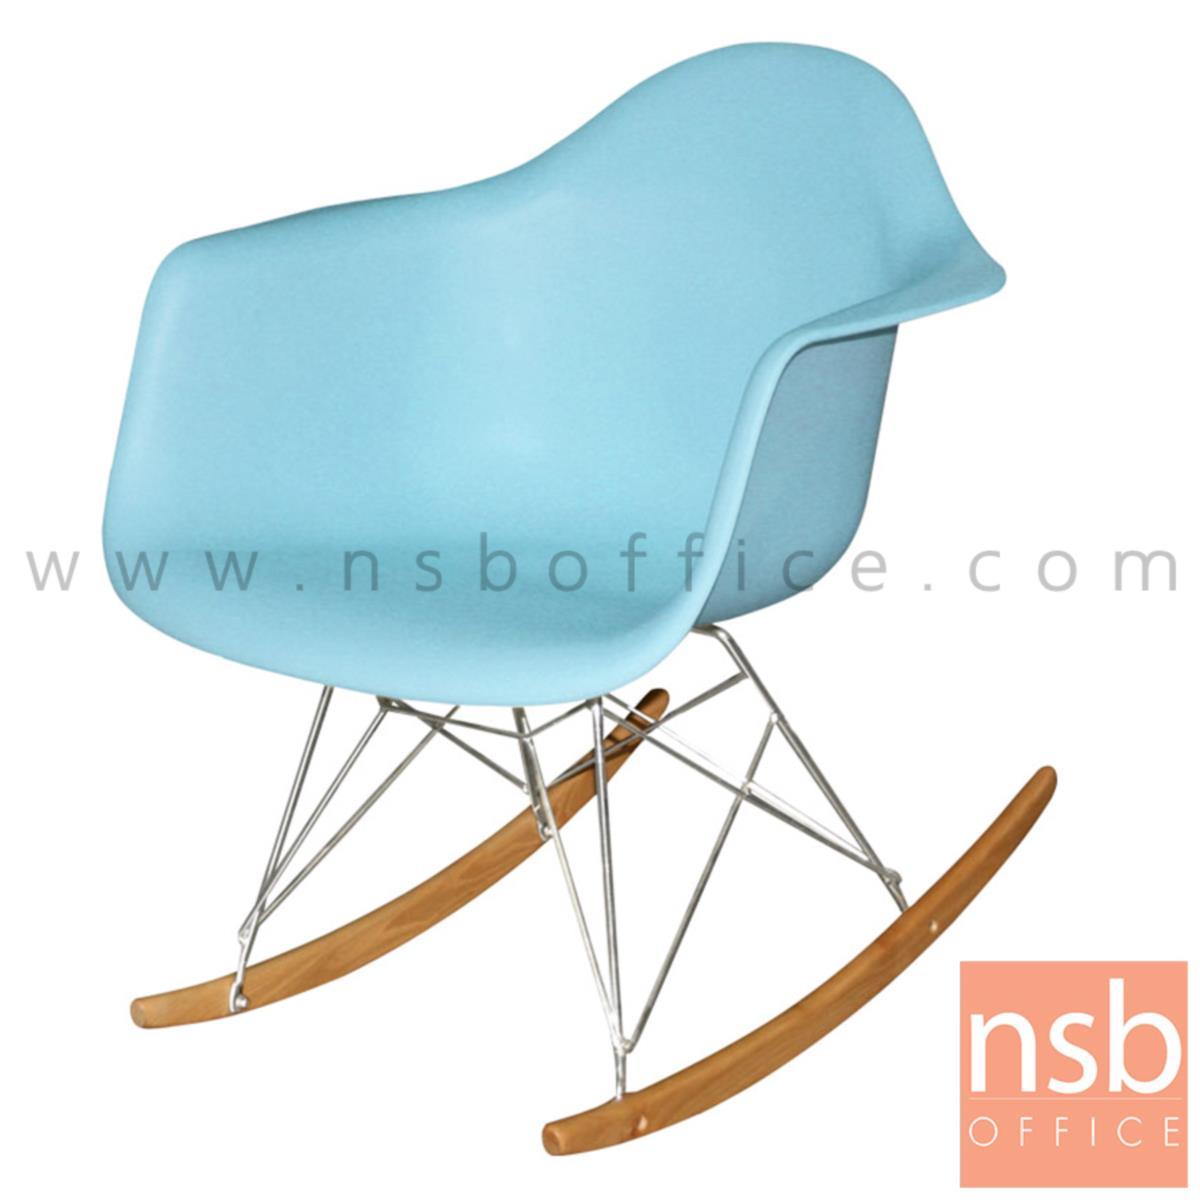 B22A047:เก้าอี้โมเดิร์นพลาสติก(PP) รุ่น Flying Birds (ฟลายอิ้งเบิร์ด) ขนาด 63W cm. โครงเหล็ก ขาไม้